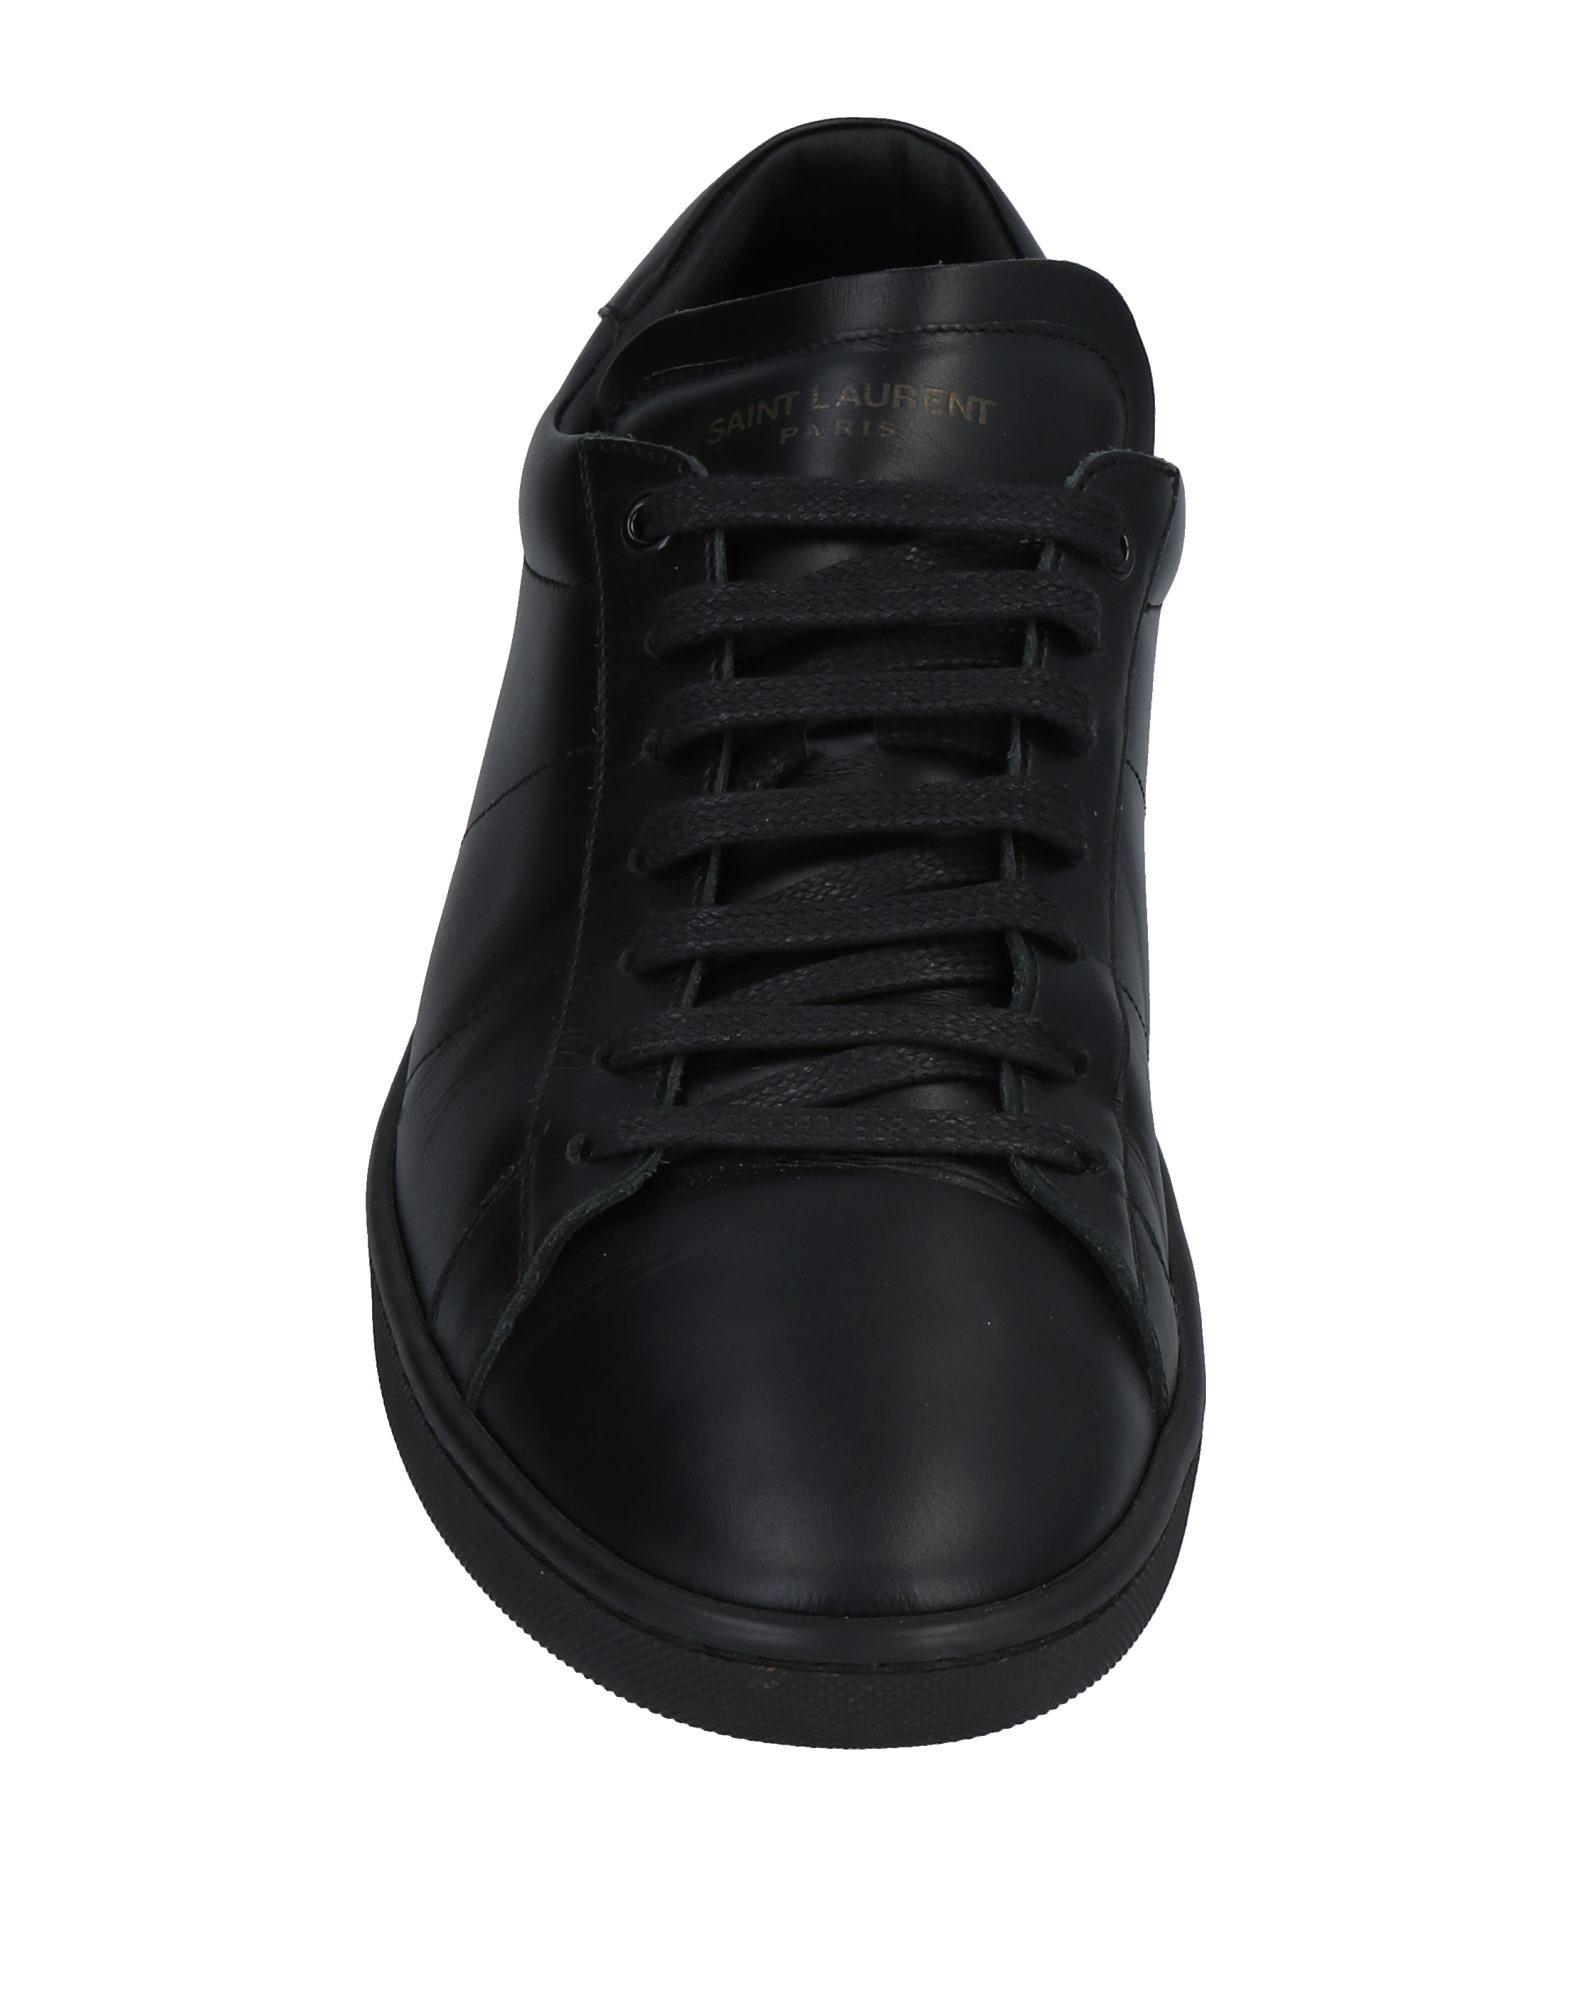 Saint Laurent Gute Sneakers Herren  11477362WK Gute Laurent Qualität beliebte Schuhe 10c0e7